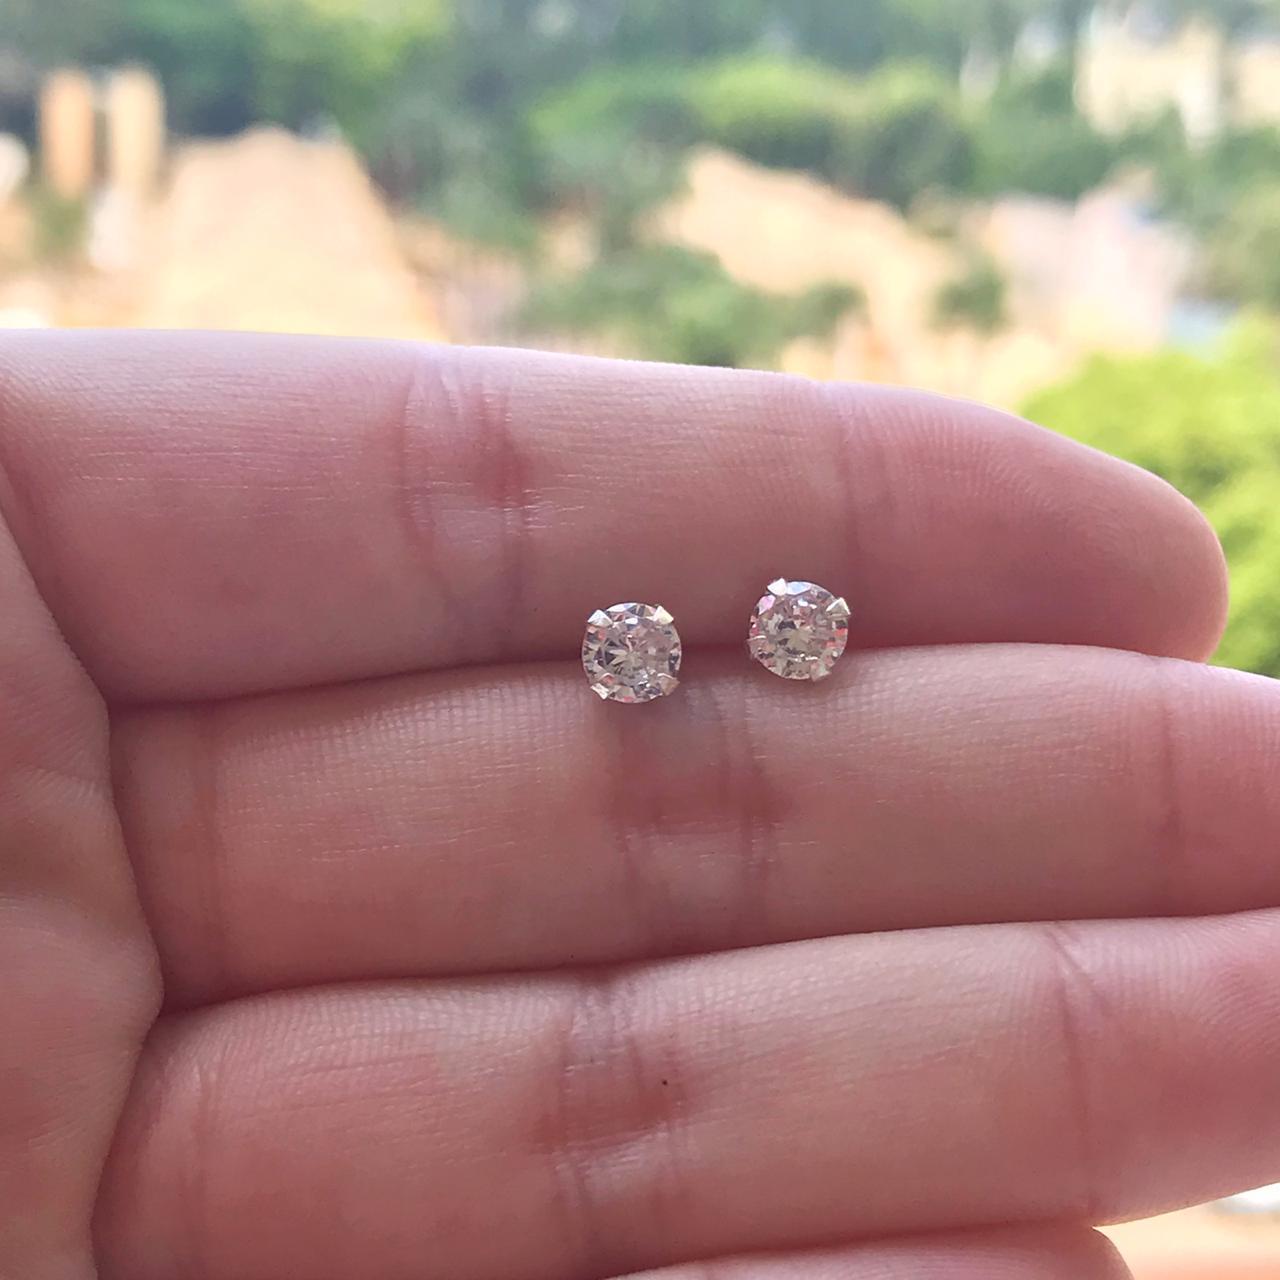 Brinco Prata 925 Solitário Zircônia 0,5cm